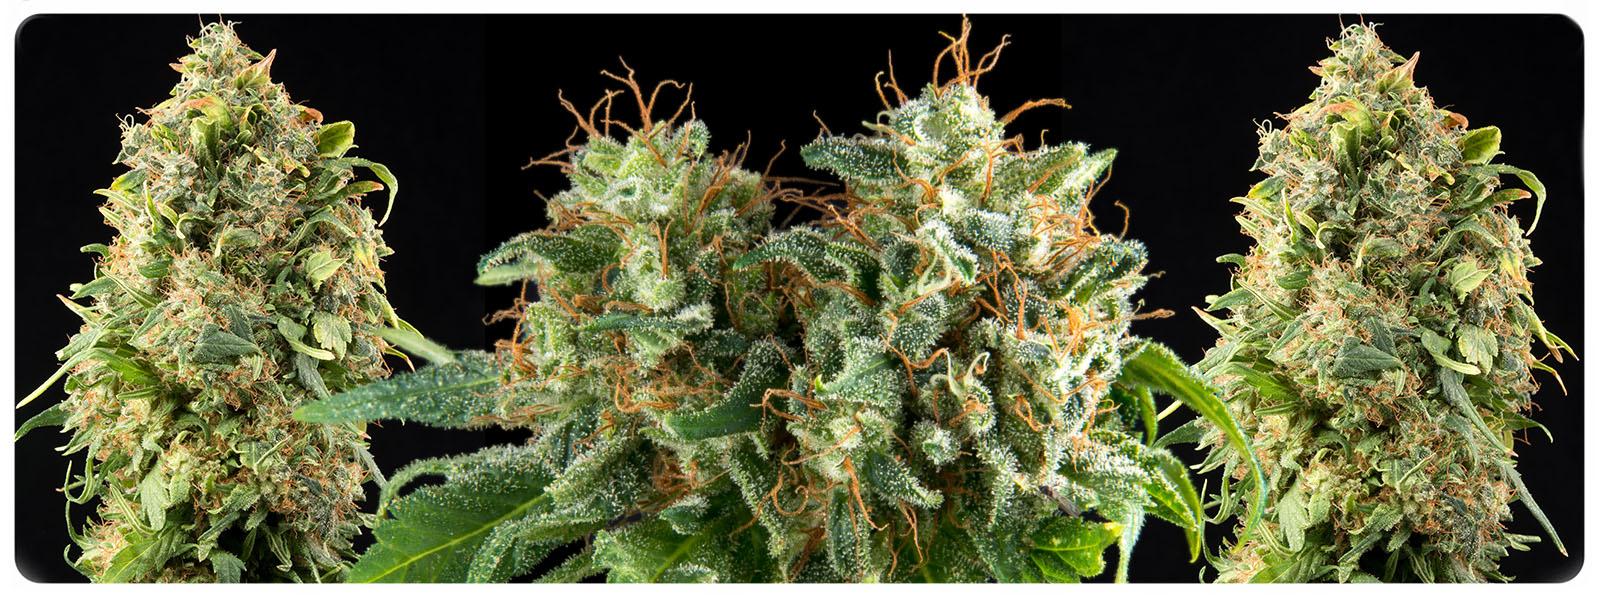 Kolossus feminized cannabis zaden is een soort welke een hoge opbrengst en potente buds met een limoen spijzige smaak